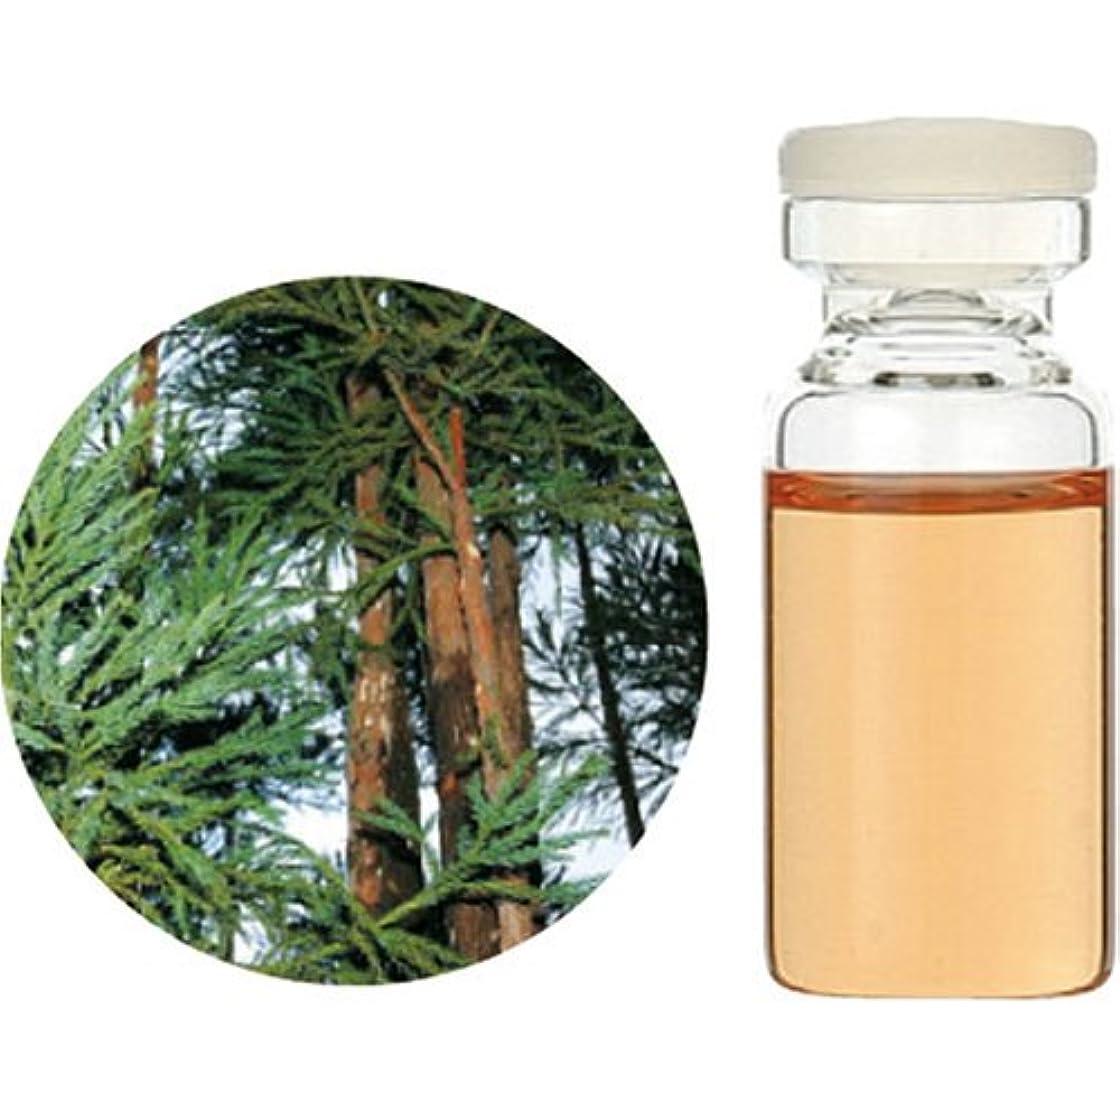 納屋ゲインセイシルク生活の木 C 和精油 杉 (木部) エッセンシャルオイル 10ml